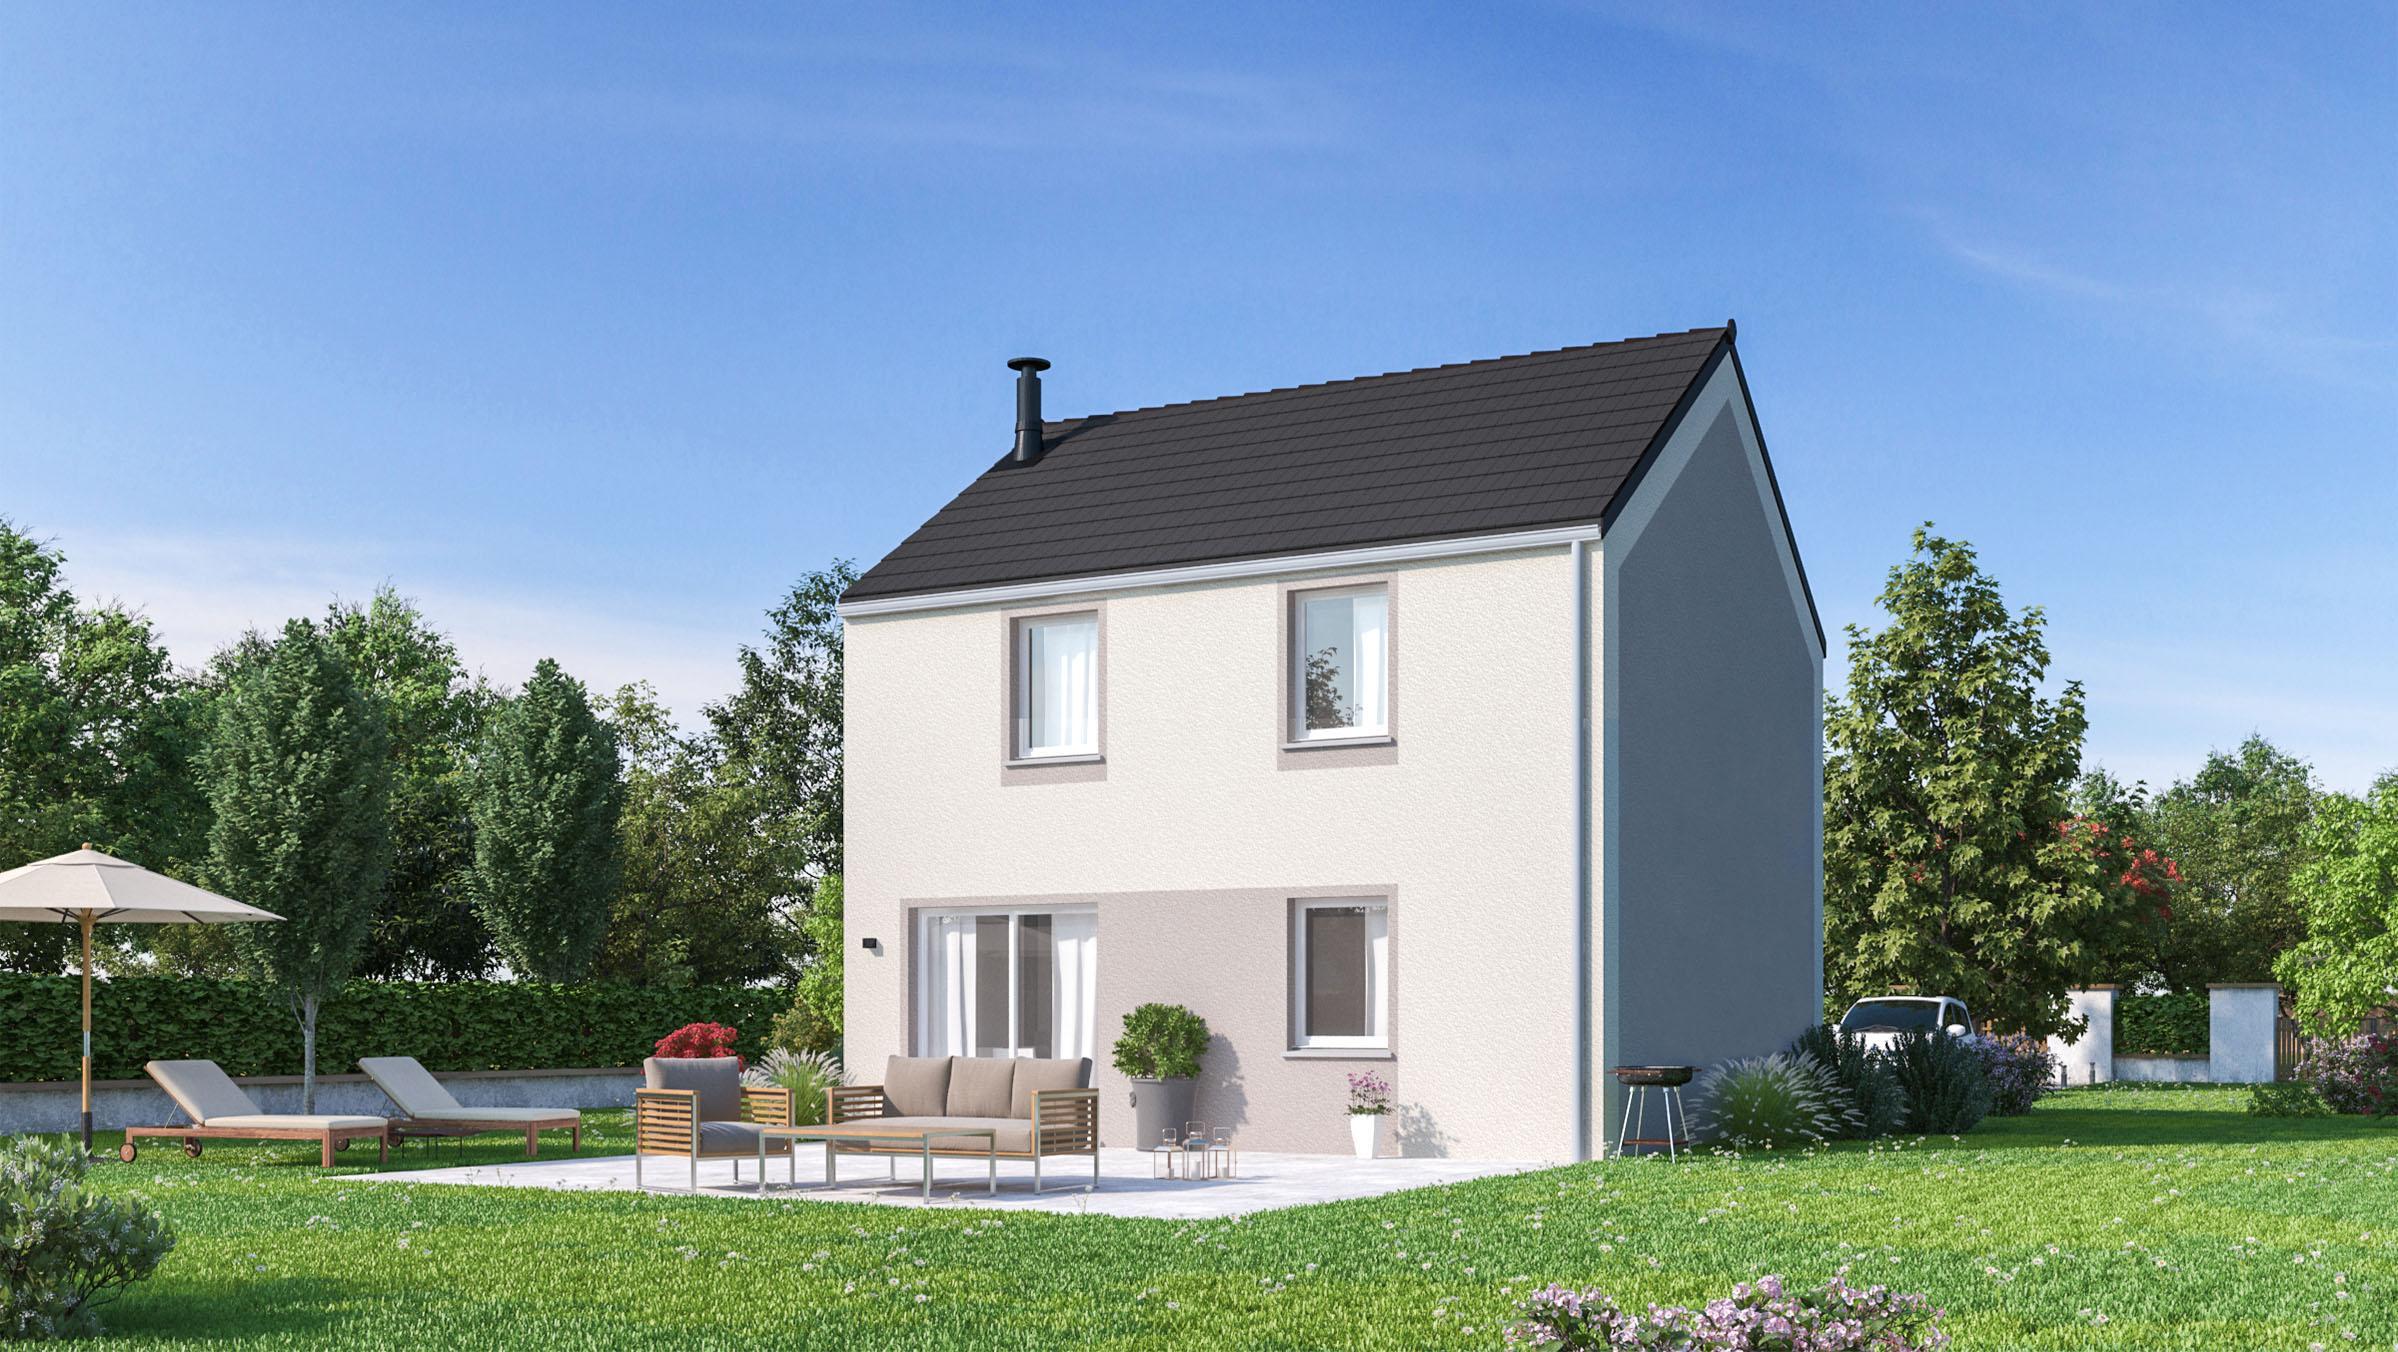 Maisons + Terrains du constructeur MAISONS PHENIX • 83 m² • GORZE